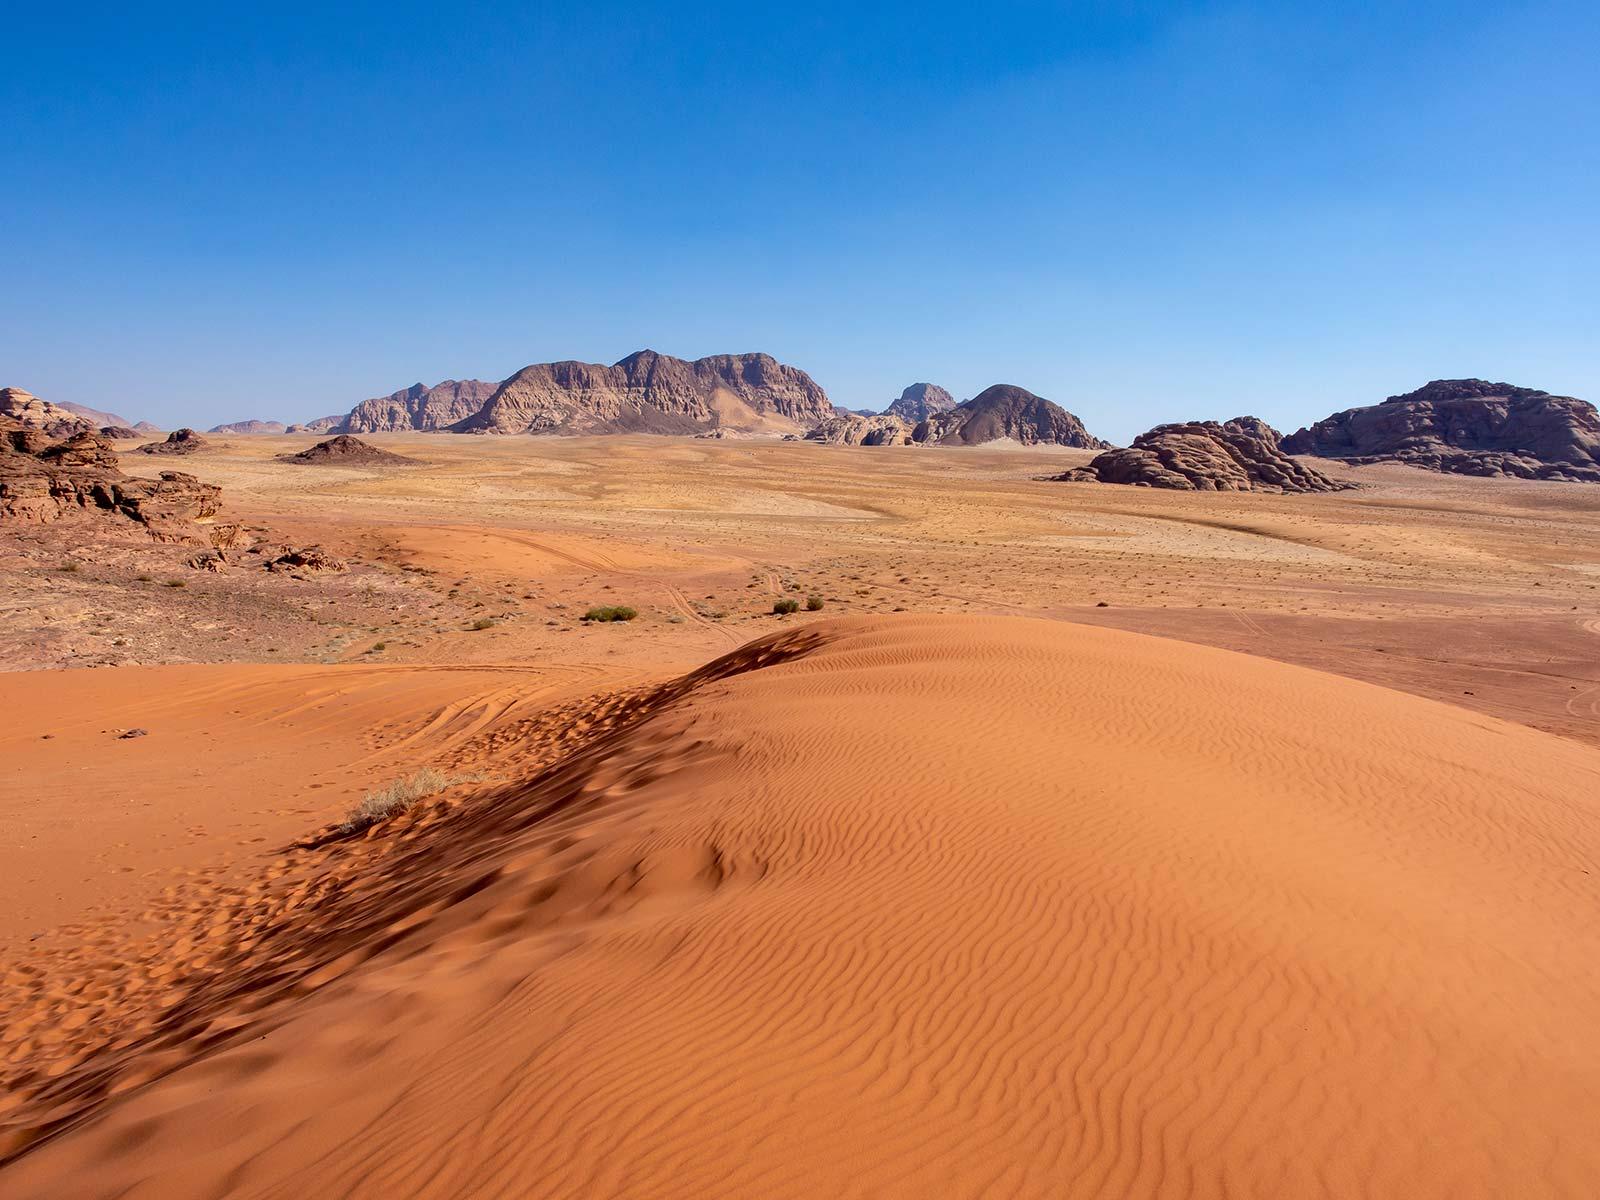 Rote Sanddünen in Wadi Rum